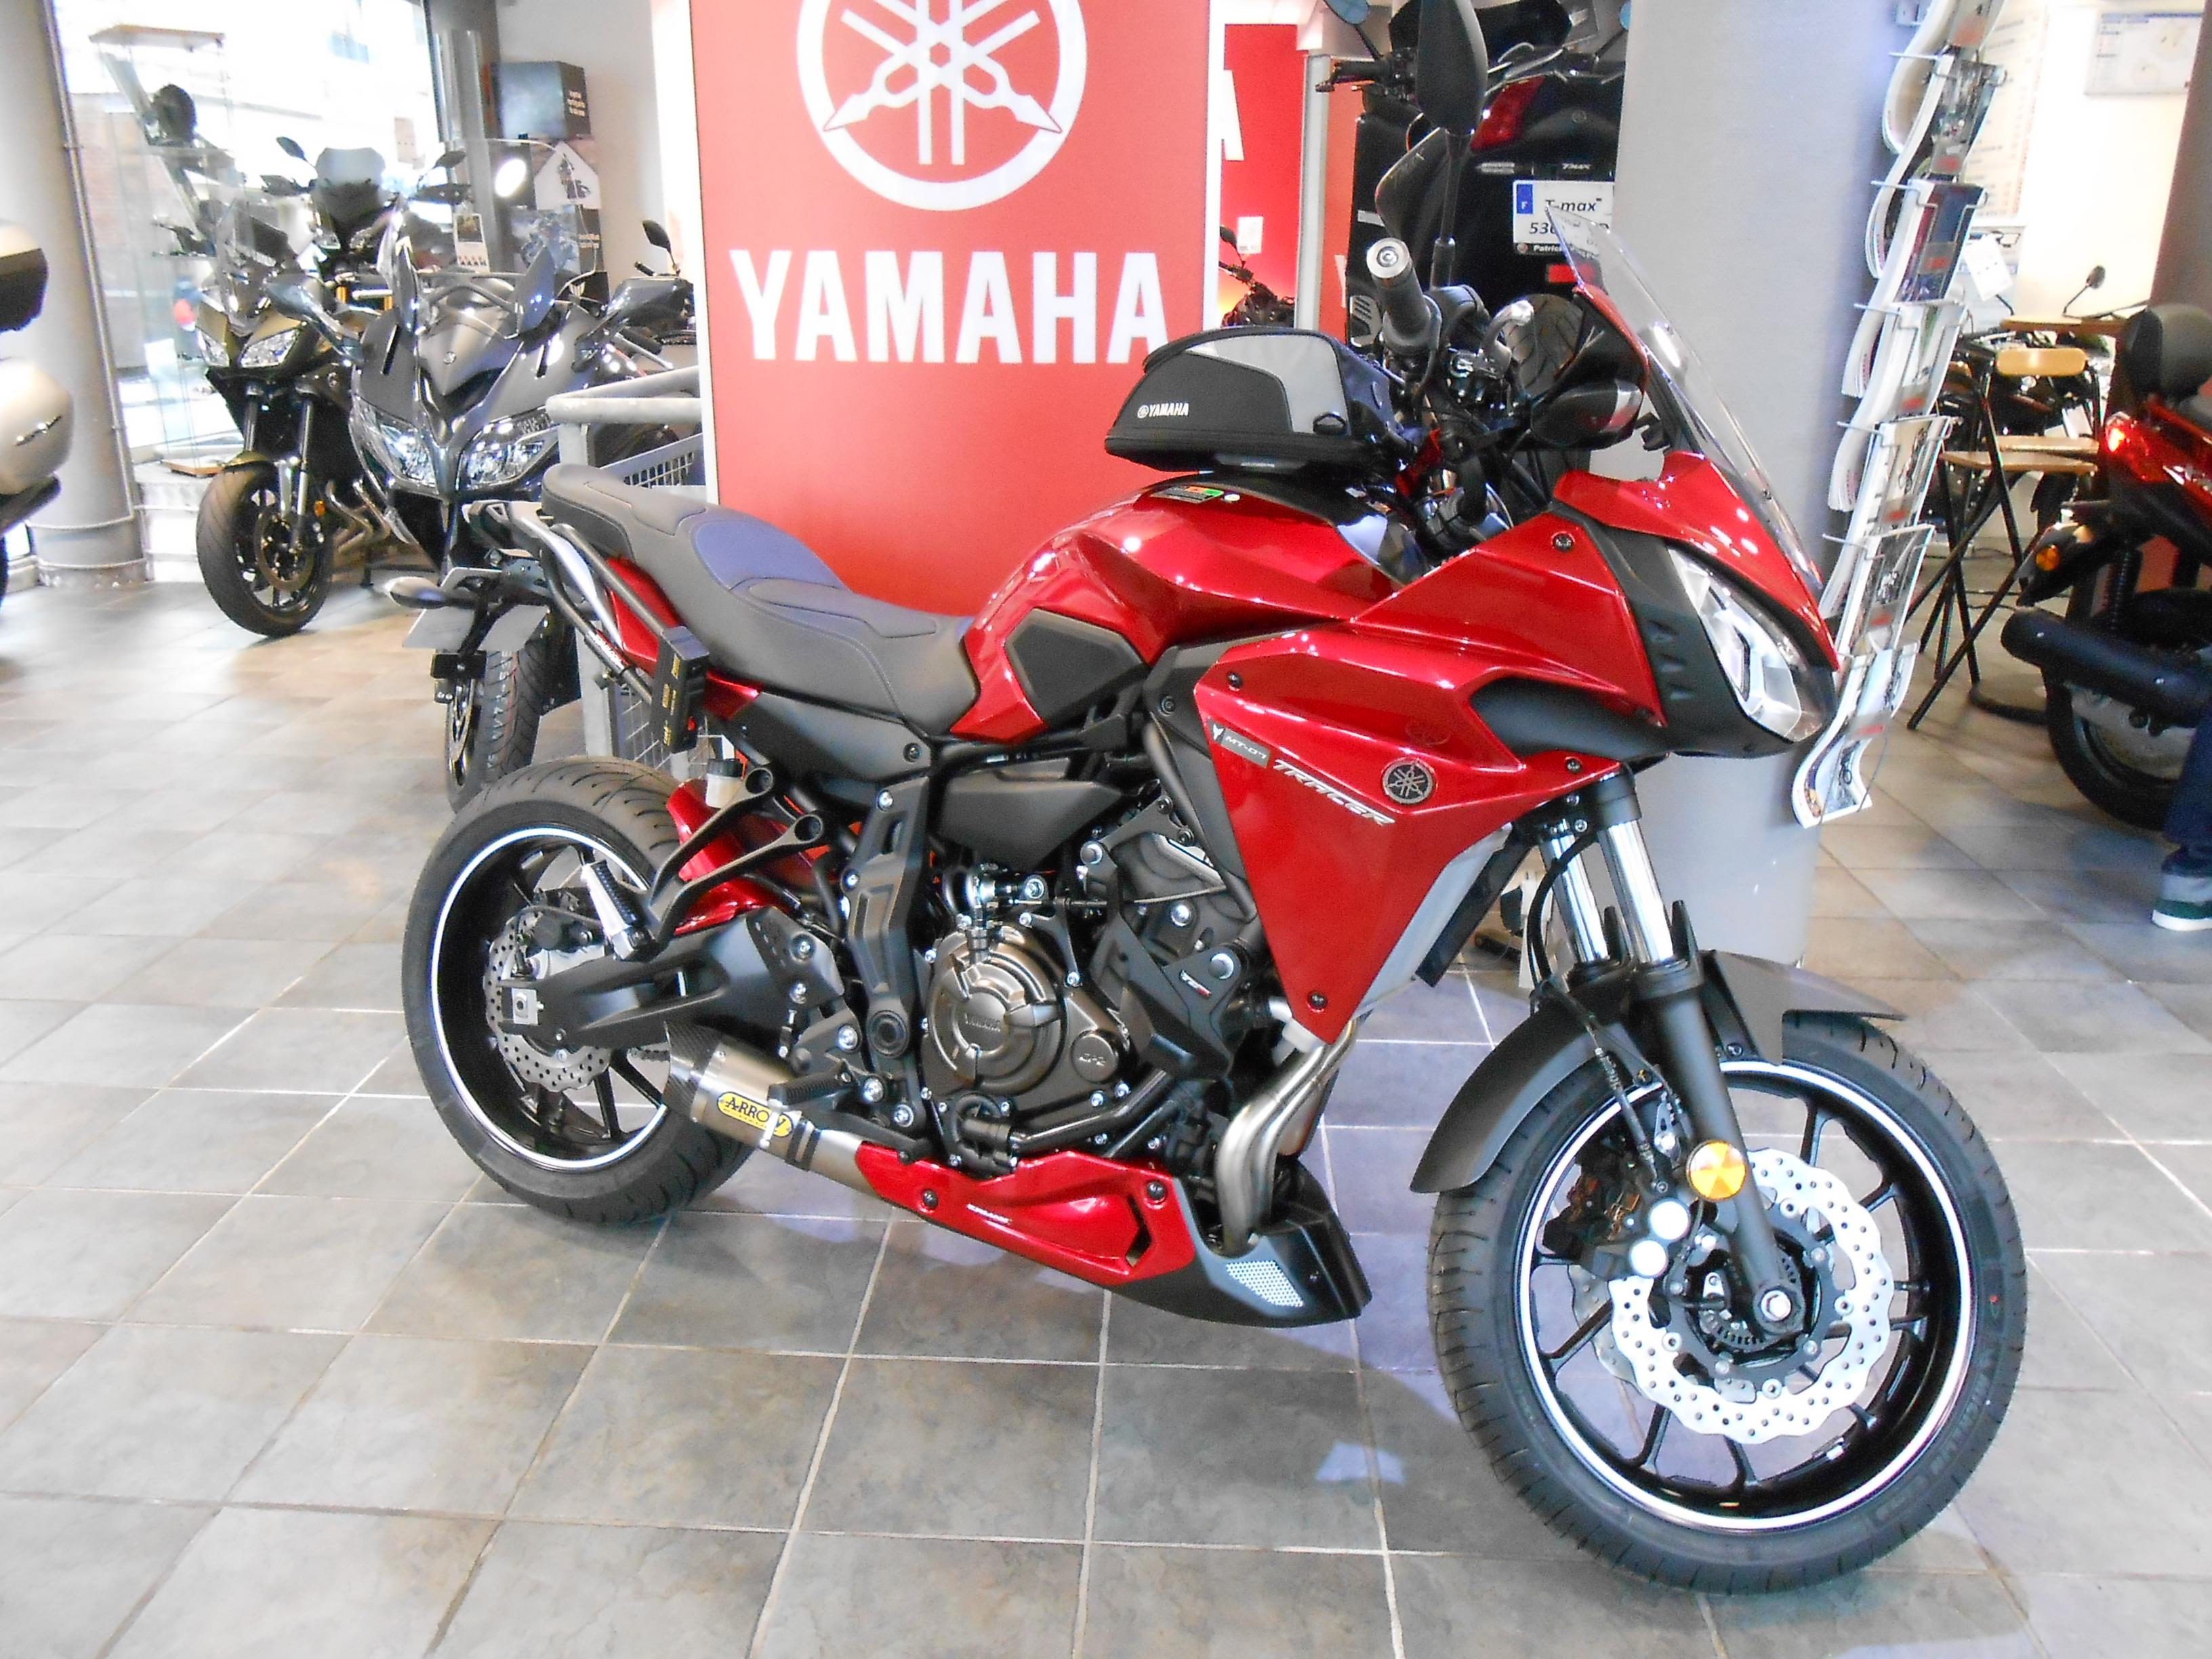 concessionnaire moto yamaha paris id e d 39 image de moto. Black Bedroom Furniture Sets. Home Design Ideas